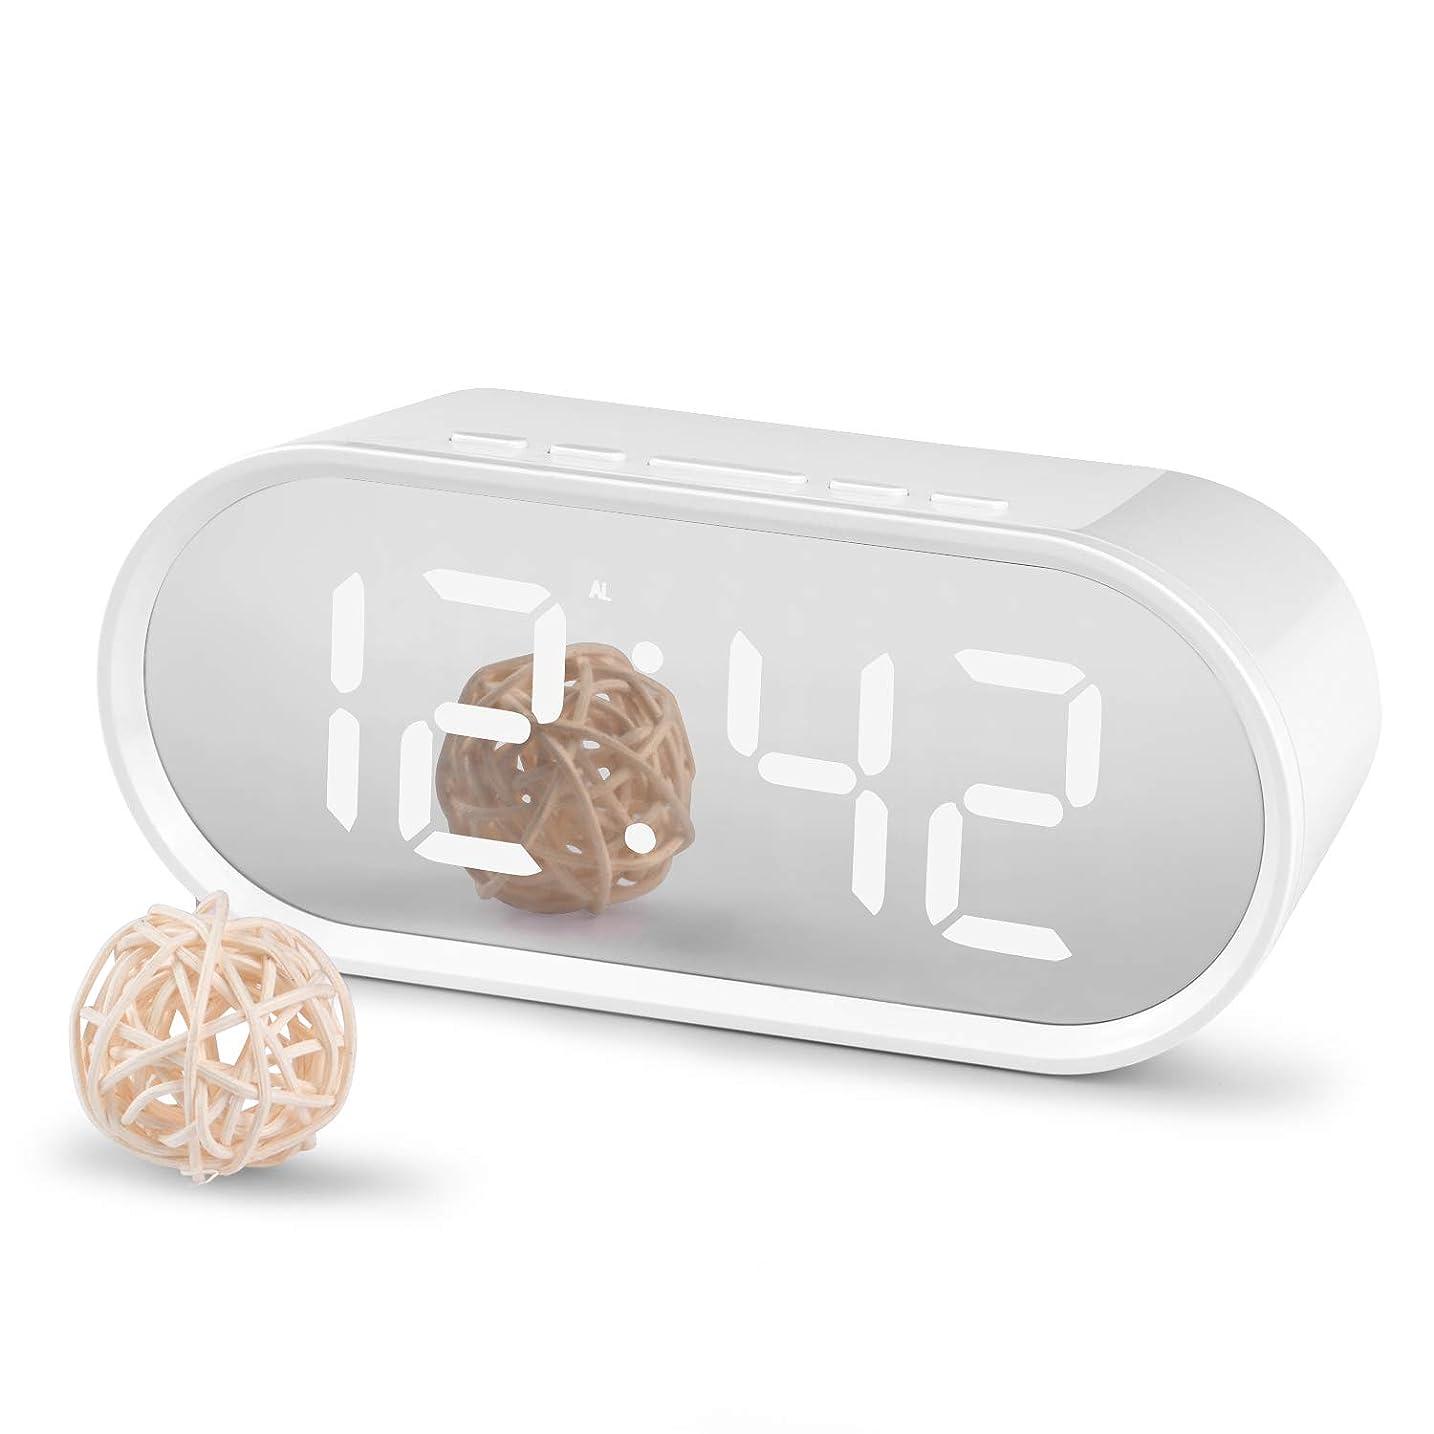 代替お勧めトークン置き時計 デジタル時計 目覚まし時計 クロック ミラー機能 LED大画面 温度湿度計 卓上時計 ベッドサイドクロック USB/電池給電 大音量 多機能